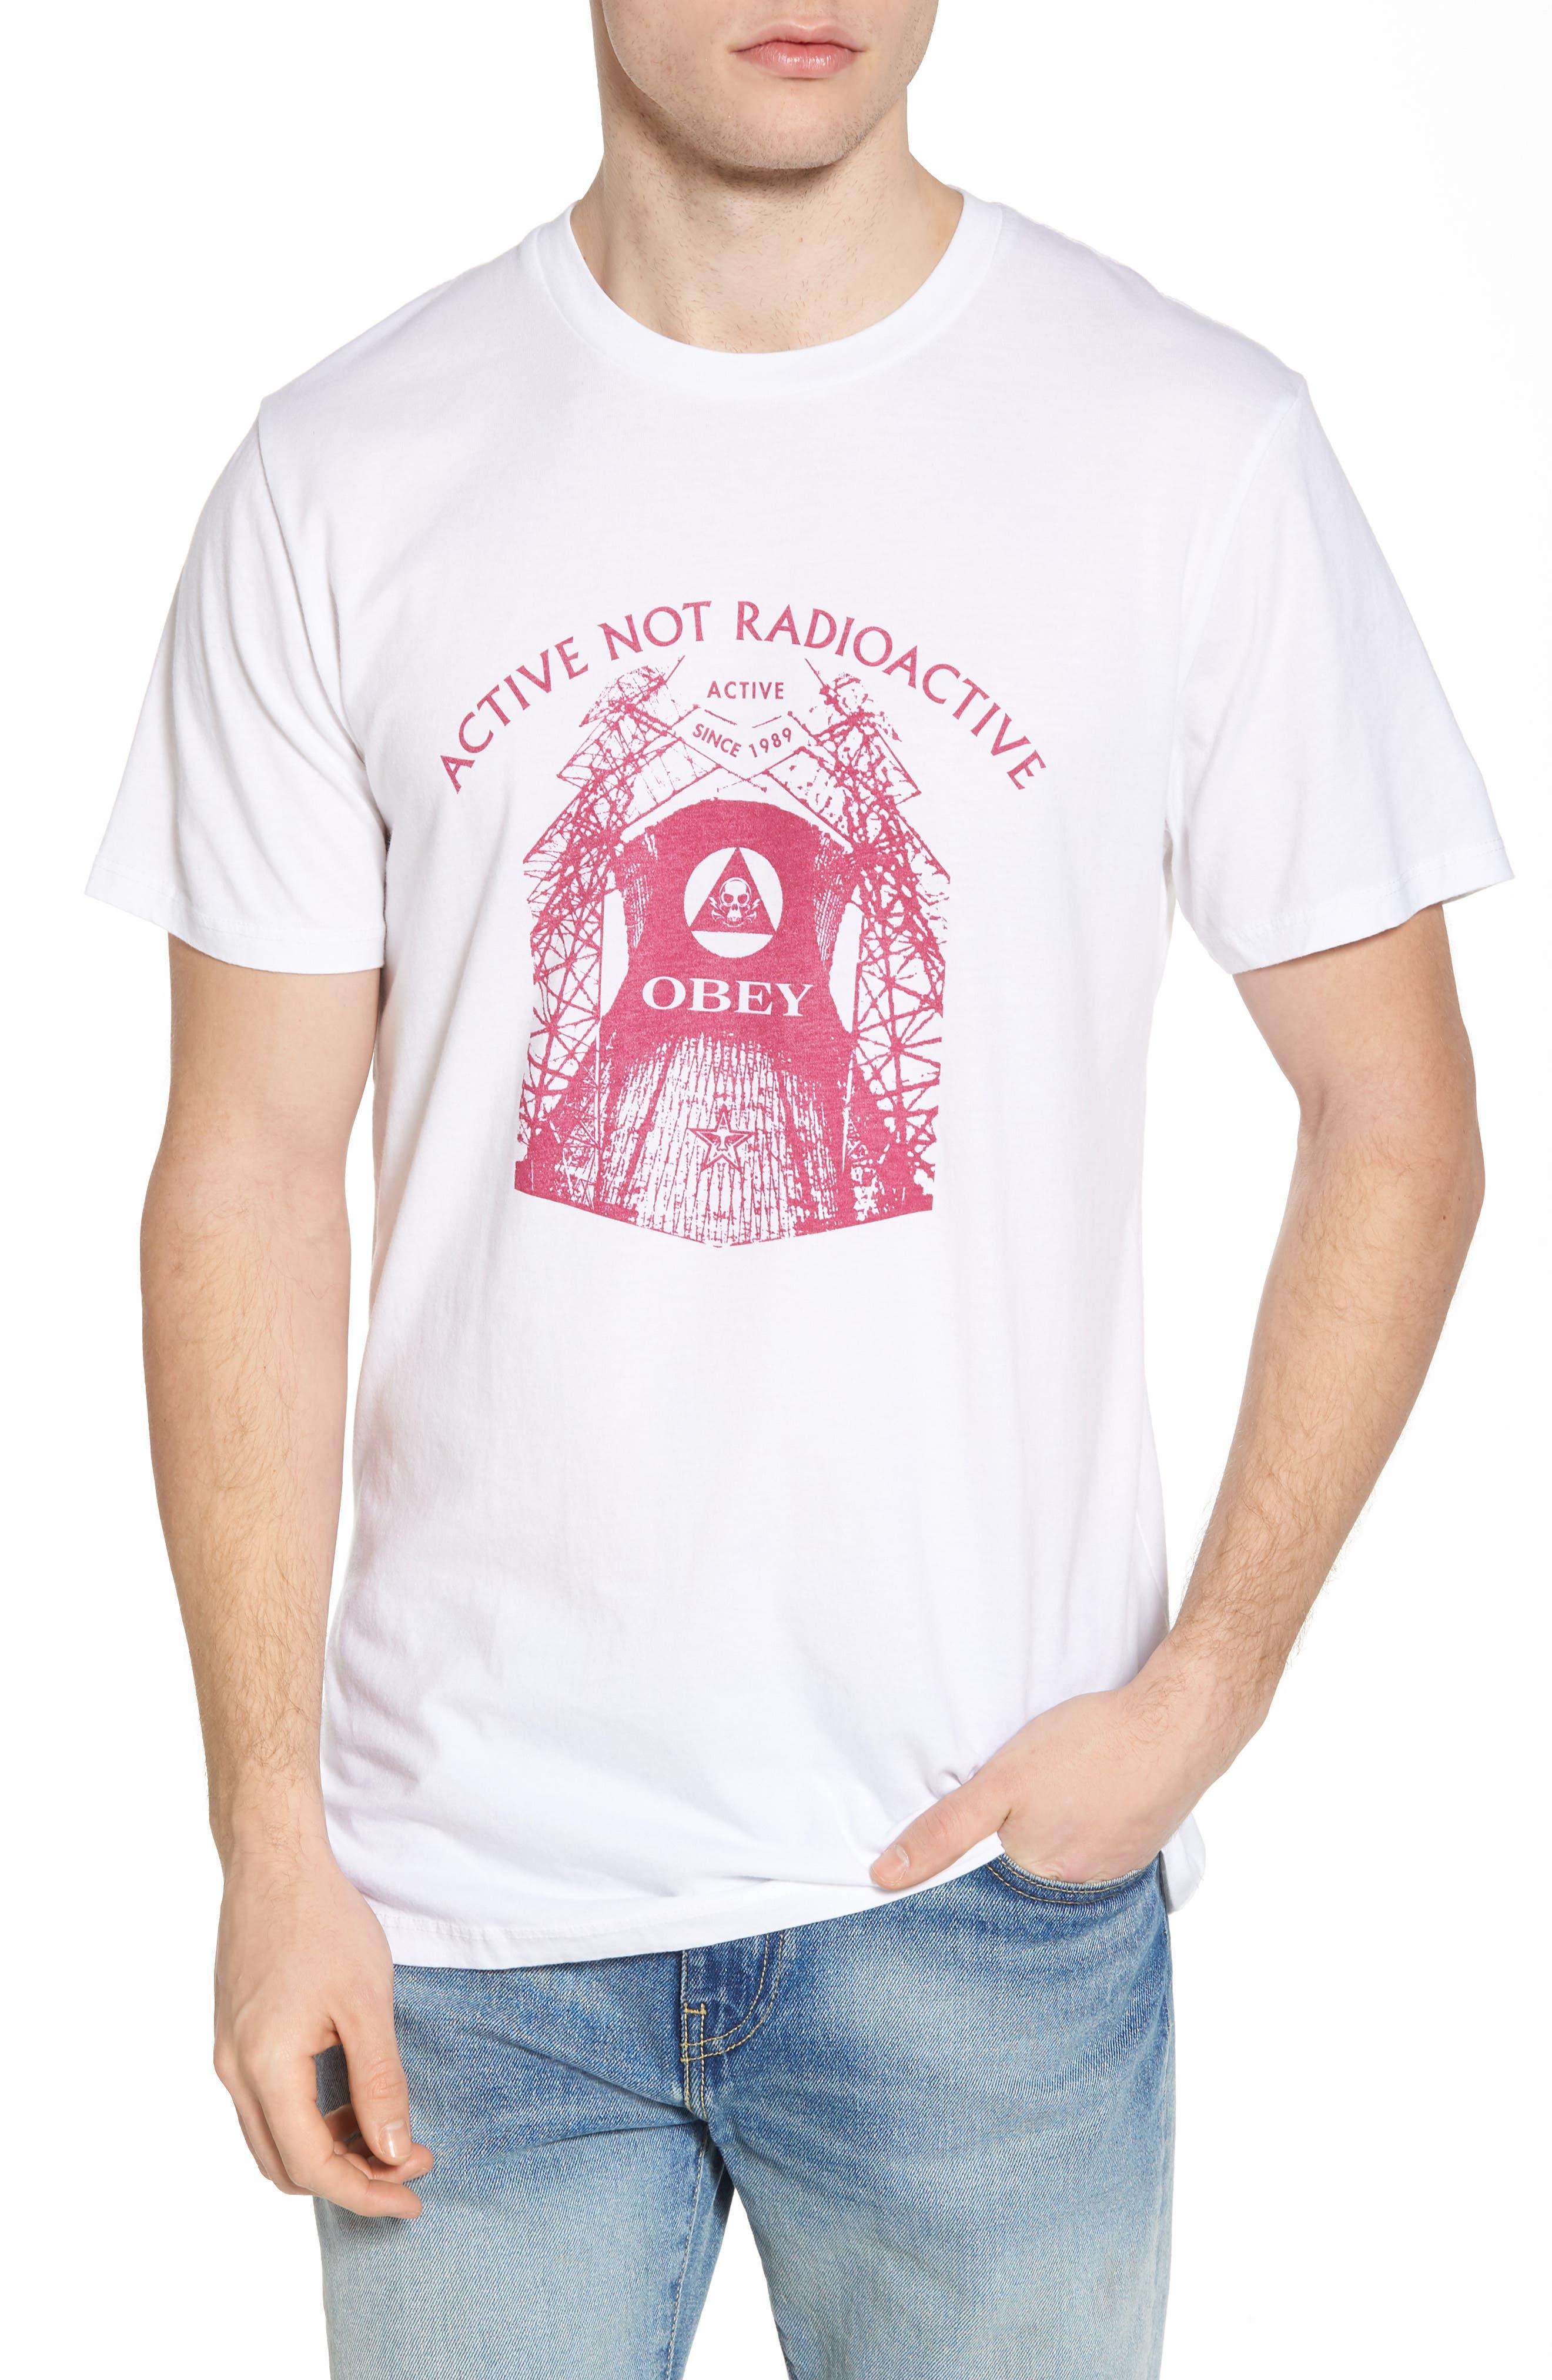 Radioactive Graphic T-Shirt,                             Main thumbnail 1, color,                             White